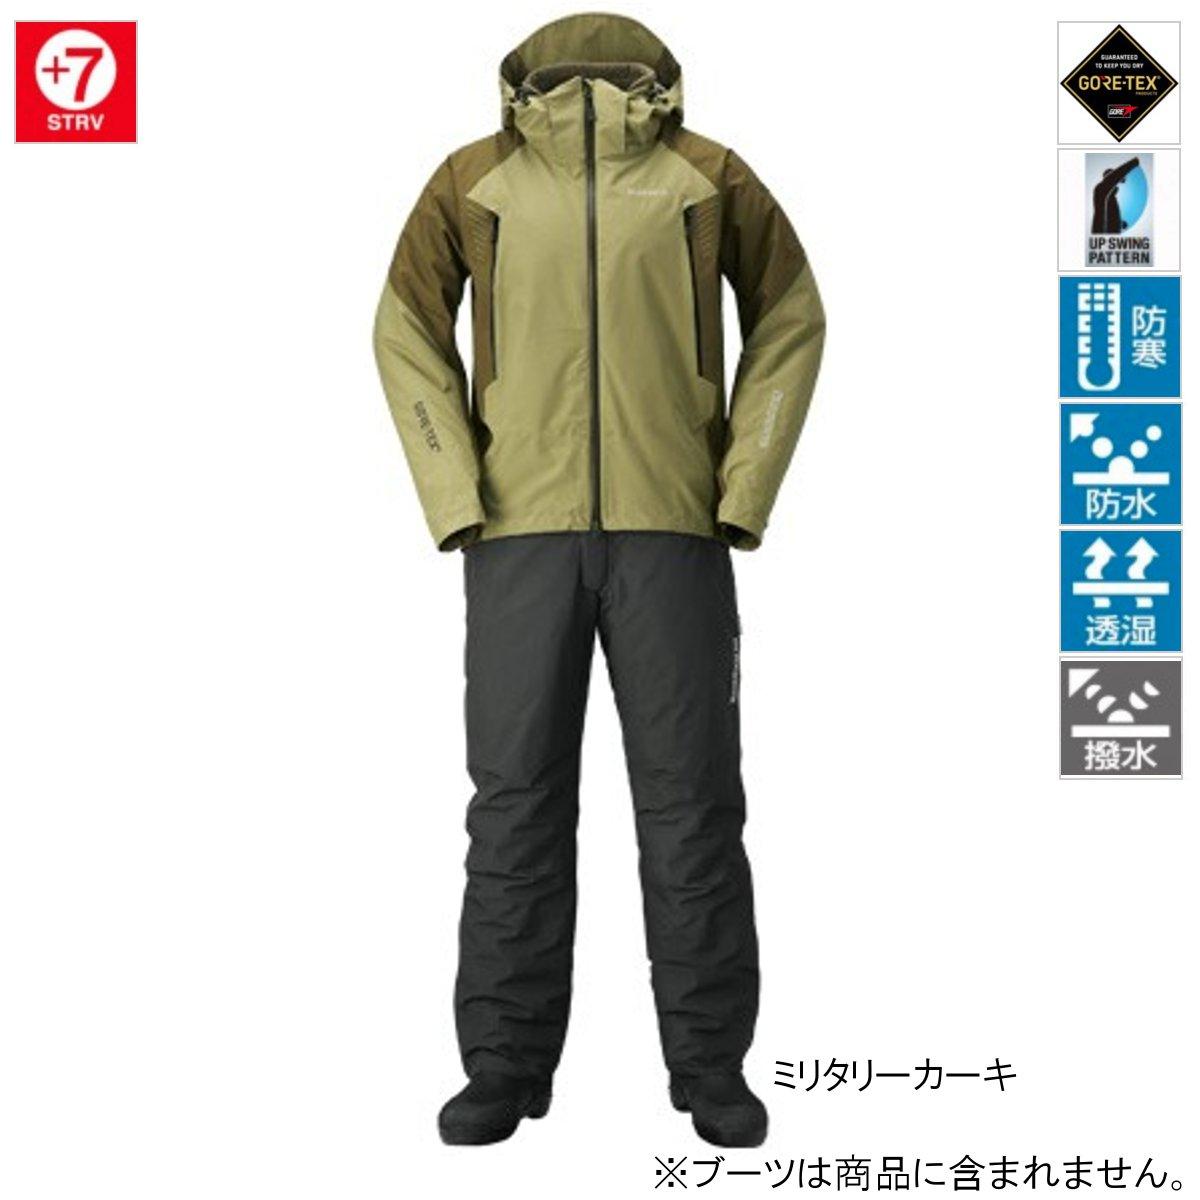 シマノ GORE-TEX ベーシックウォームスーツ RB-017R L ミリタリーカーキ(東日本店)